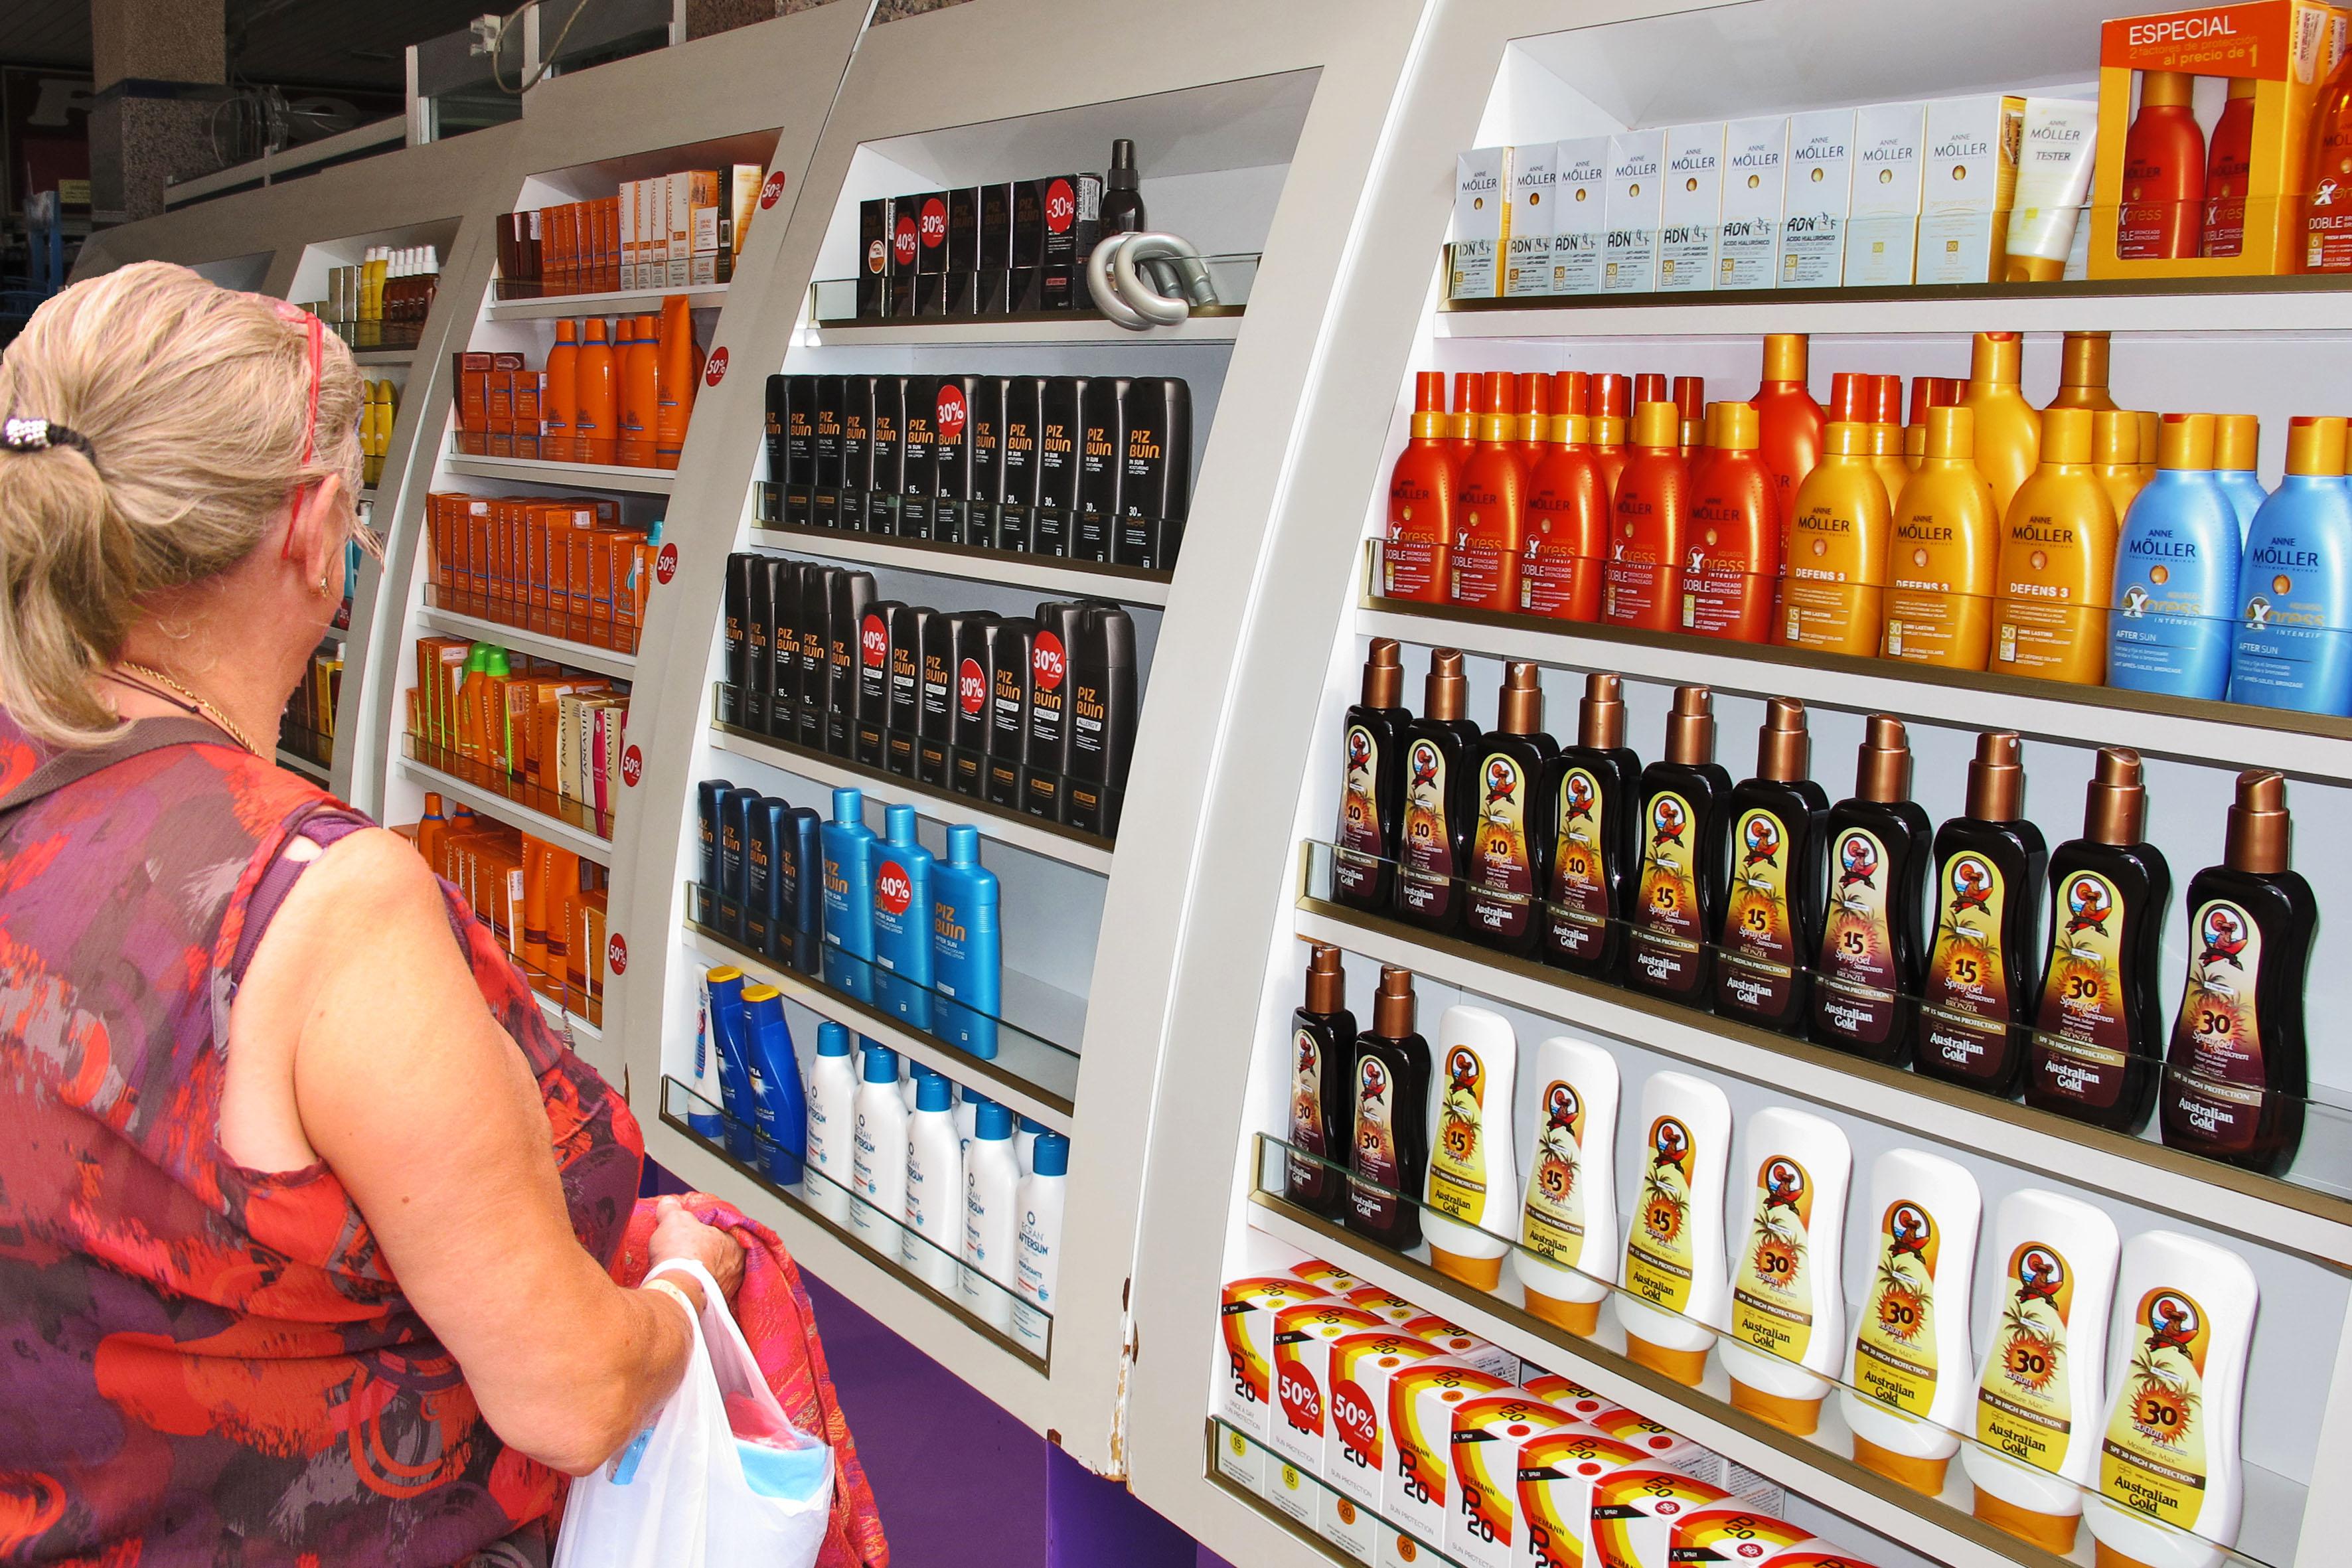 Verkauf von Sonnenschutzmittel in Jandia auf Fuerteventura /S?d